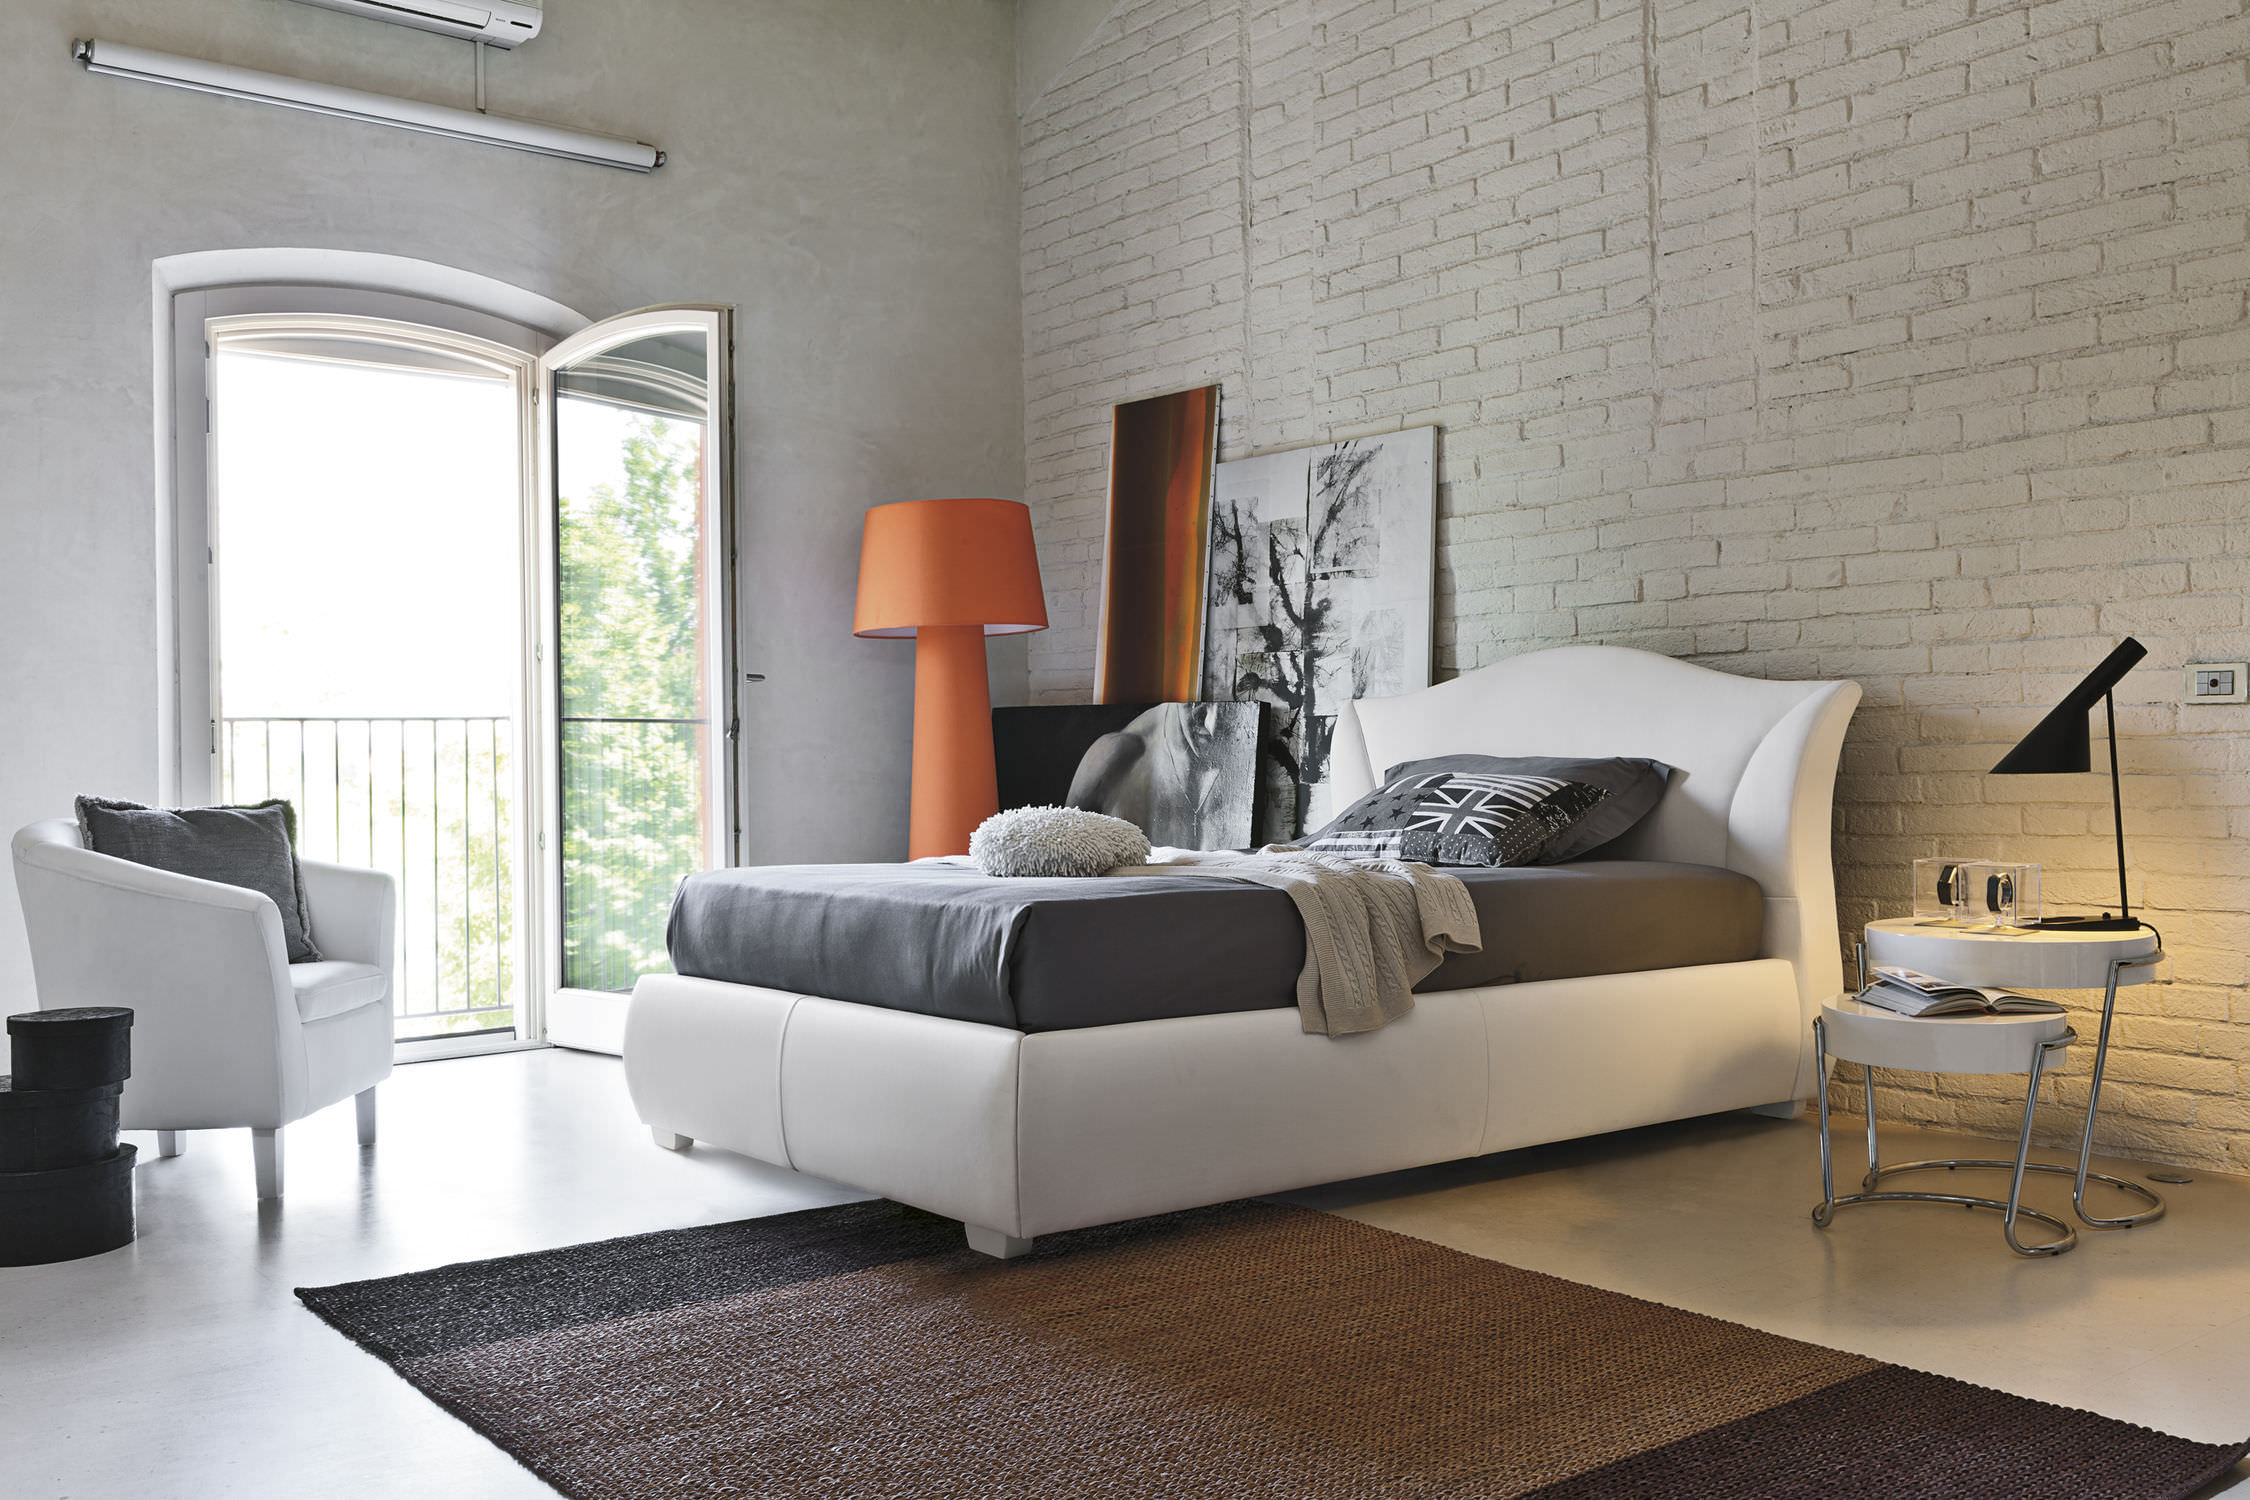 britisk stil-soveværelse-med-eksponerede-mursten-point-maddalena